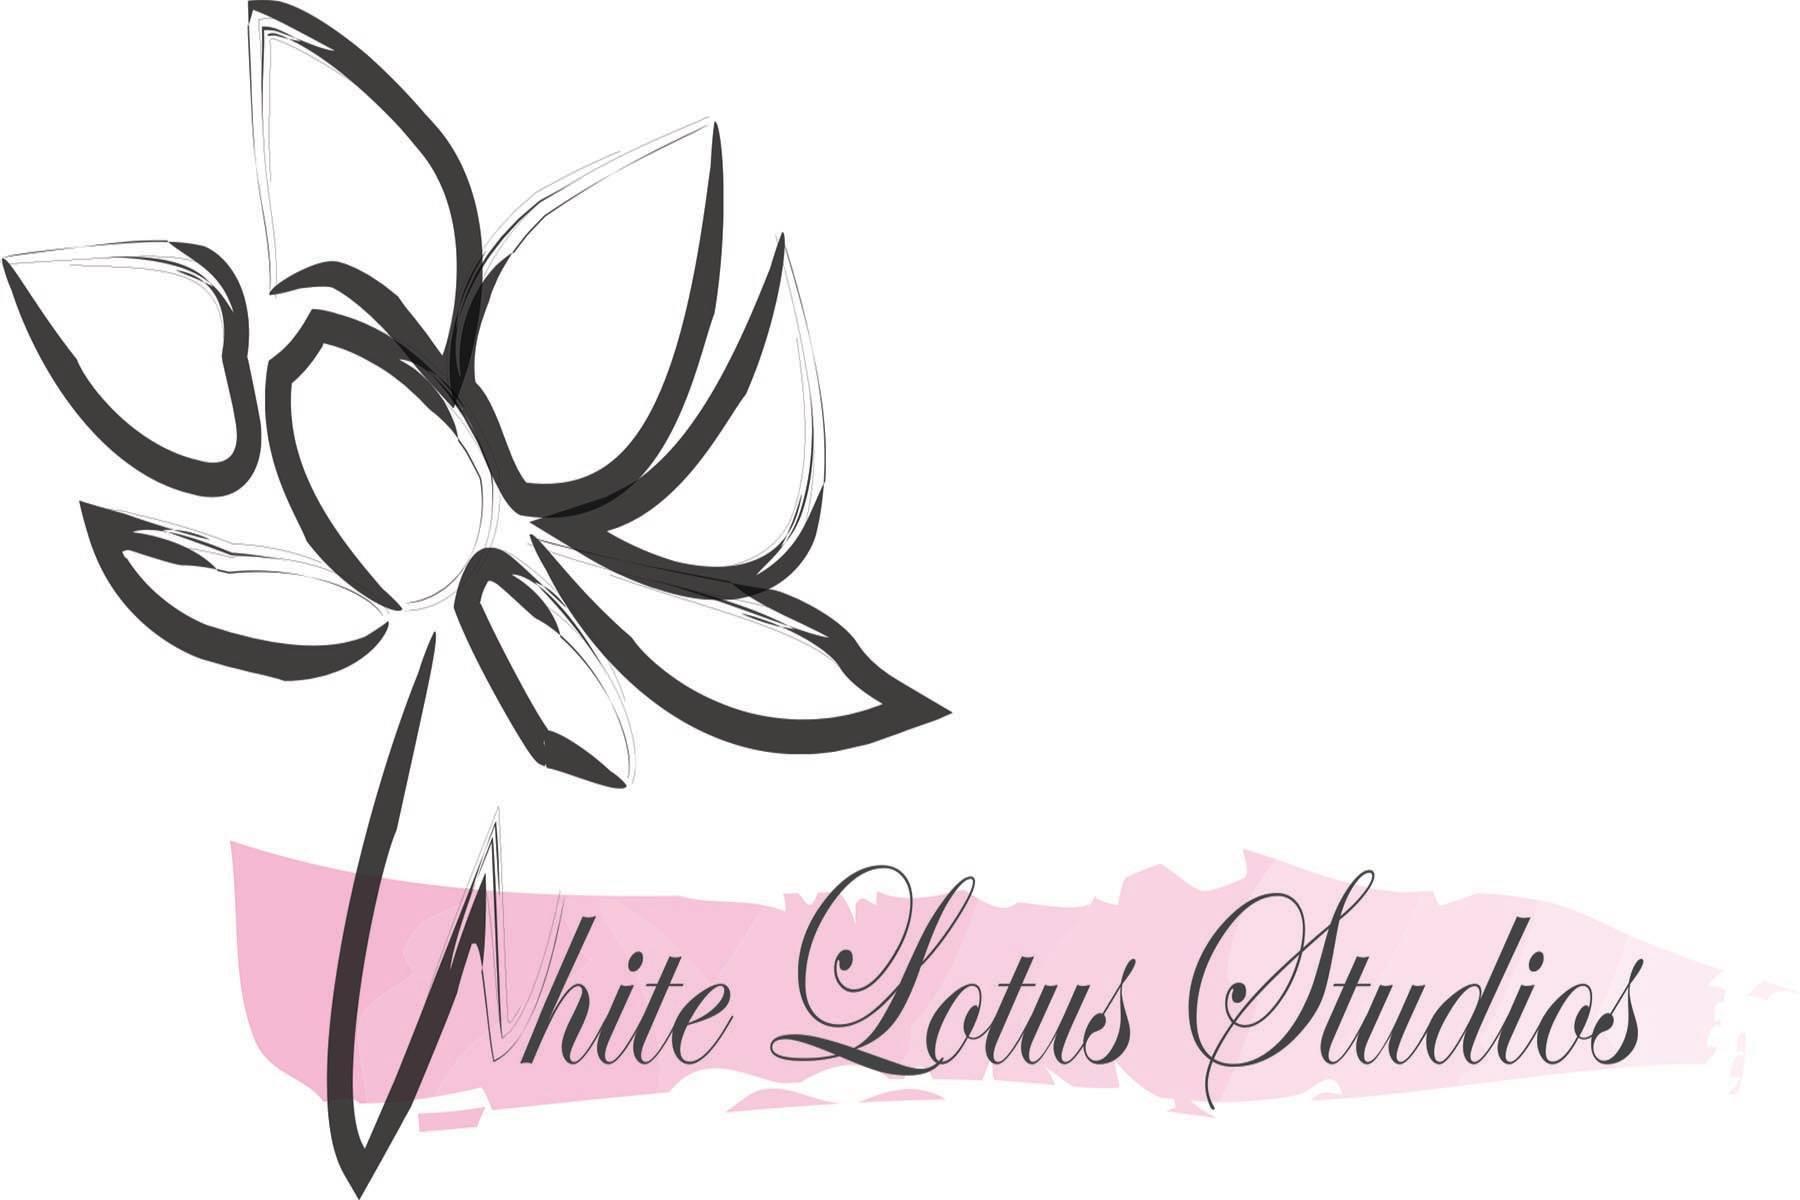 White Lotus Studios